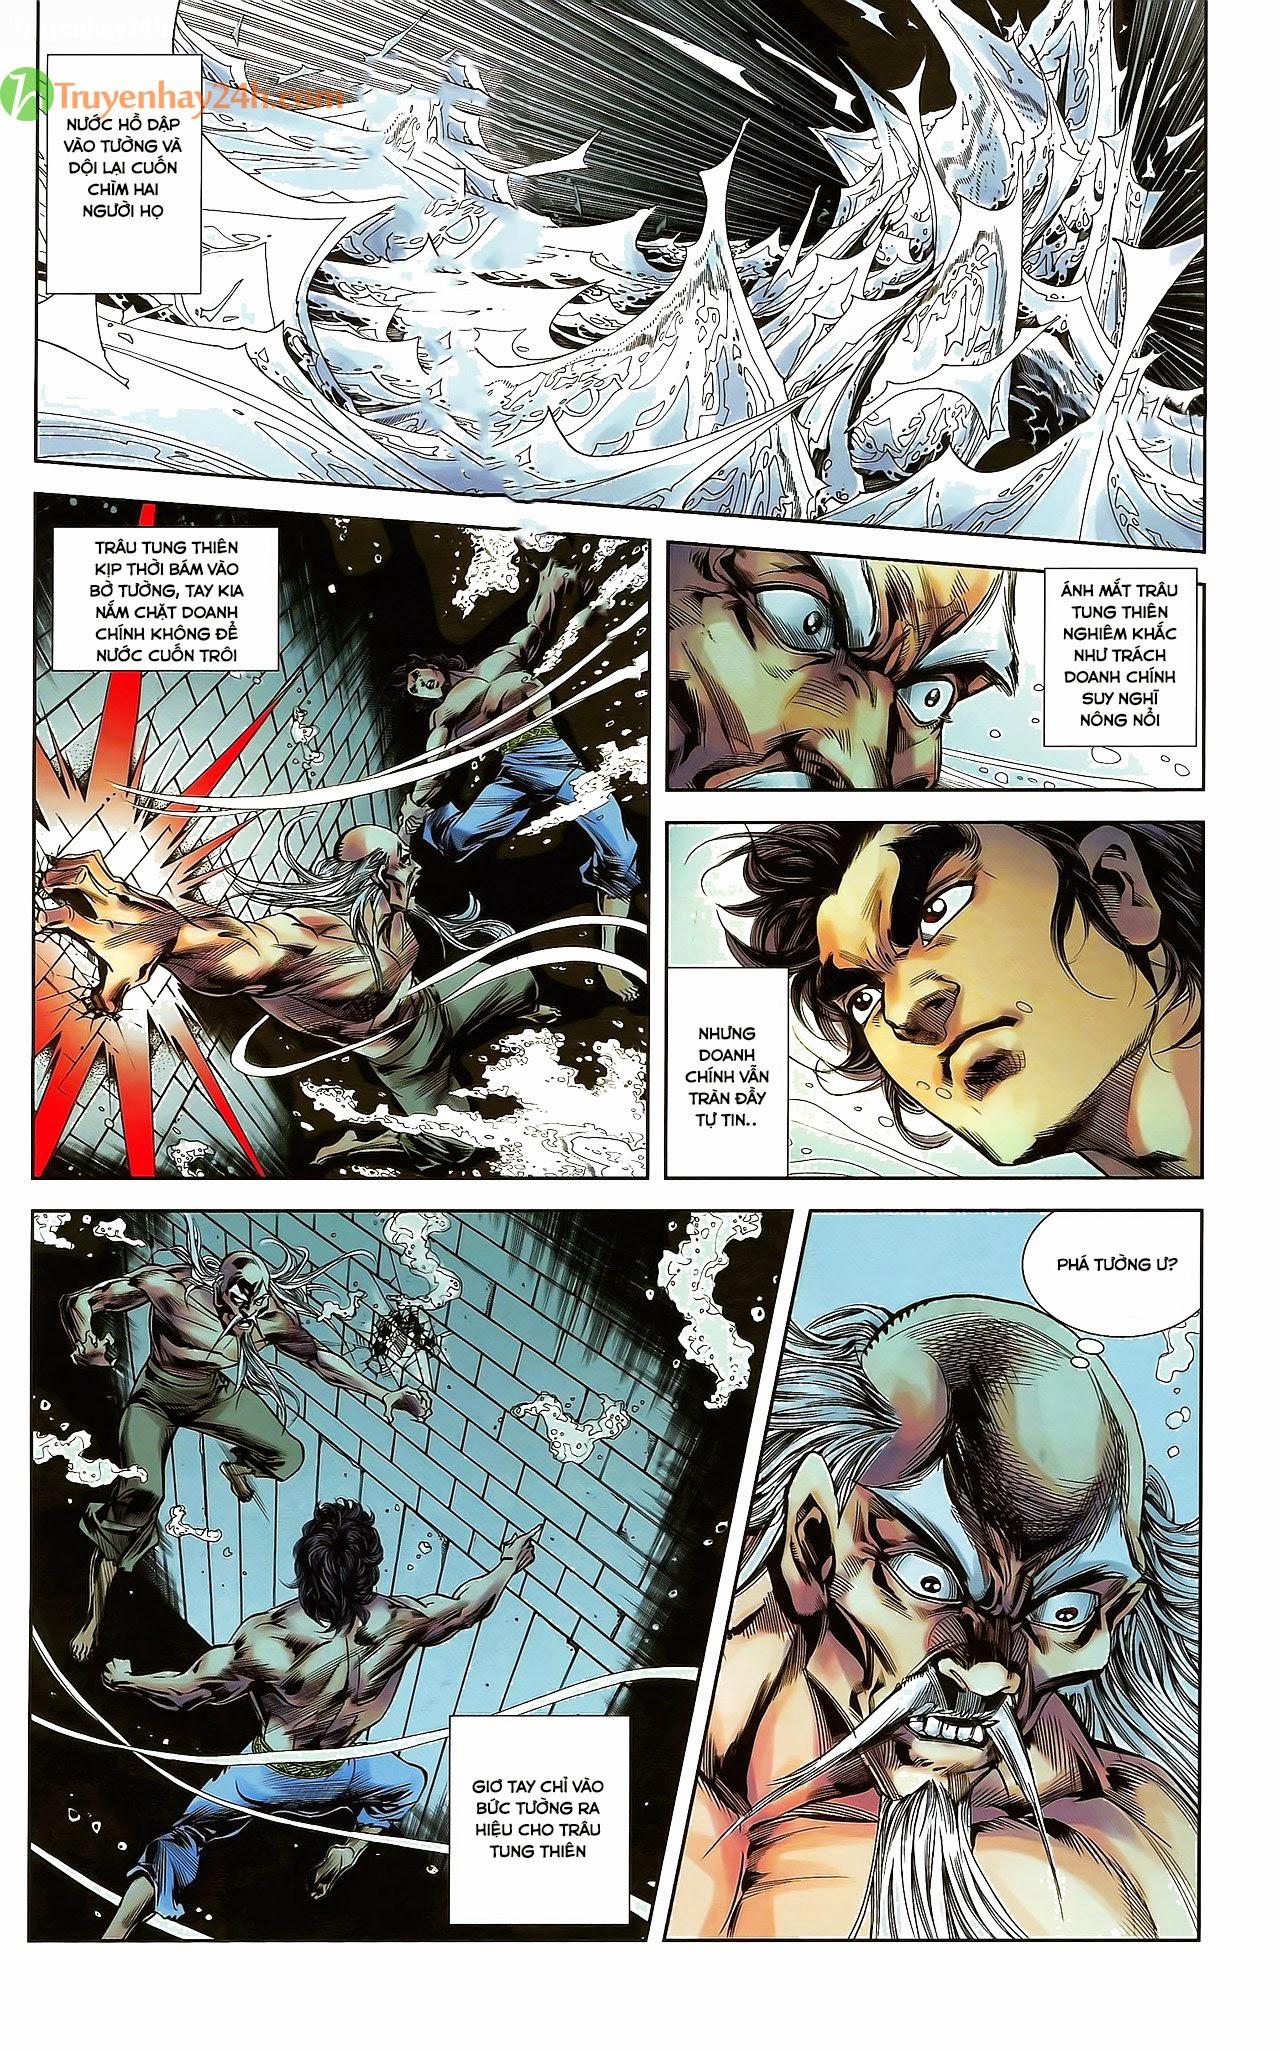 Tần Vương Doanh Chính chapter 31 trang 29